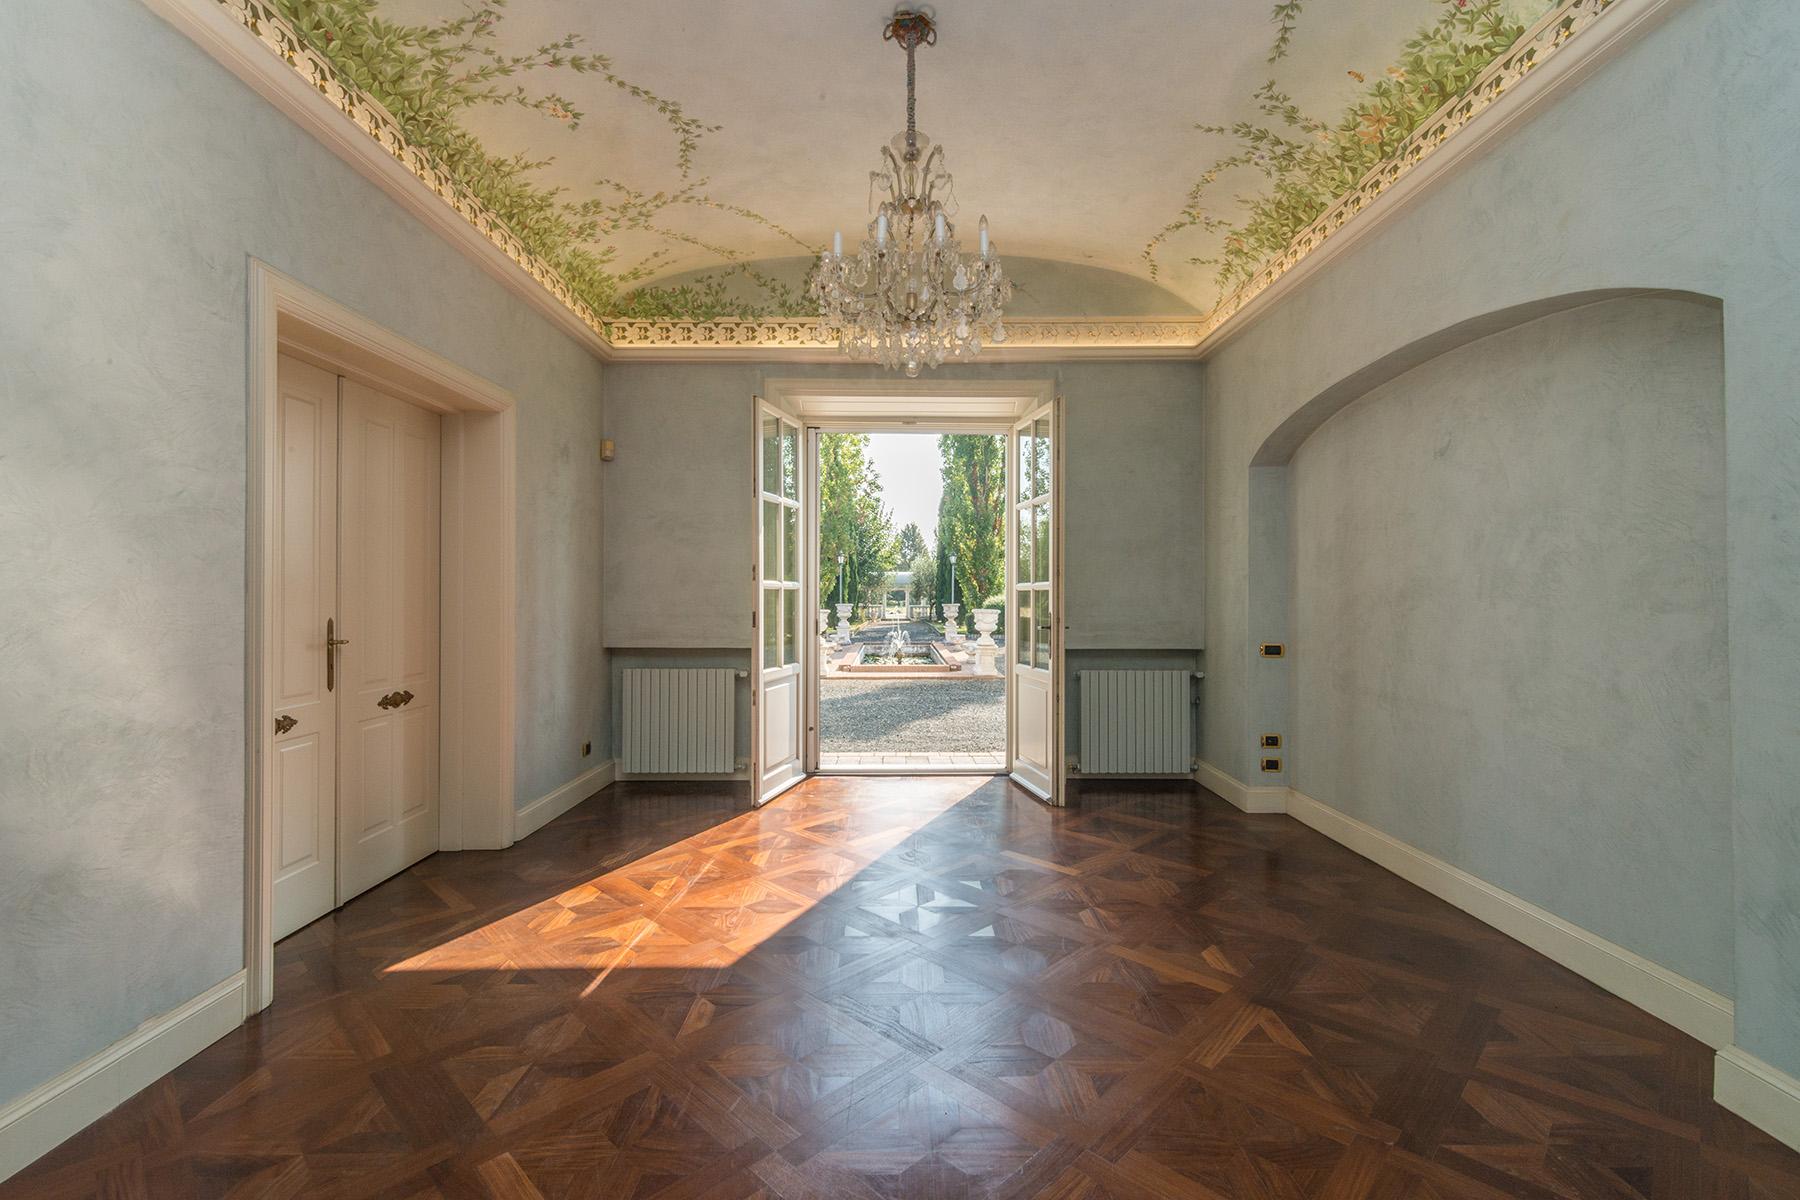 Villa in Vendita a Gattatico: 5 locali, 700 mq - Foto 16